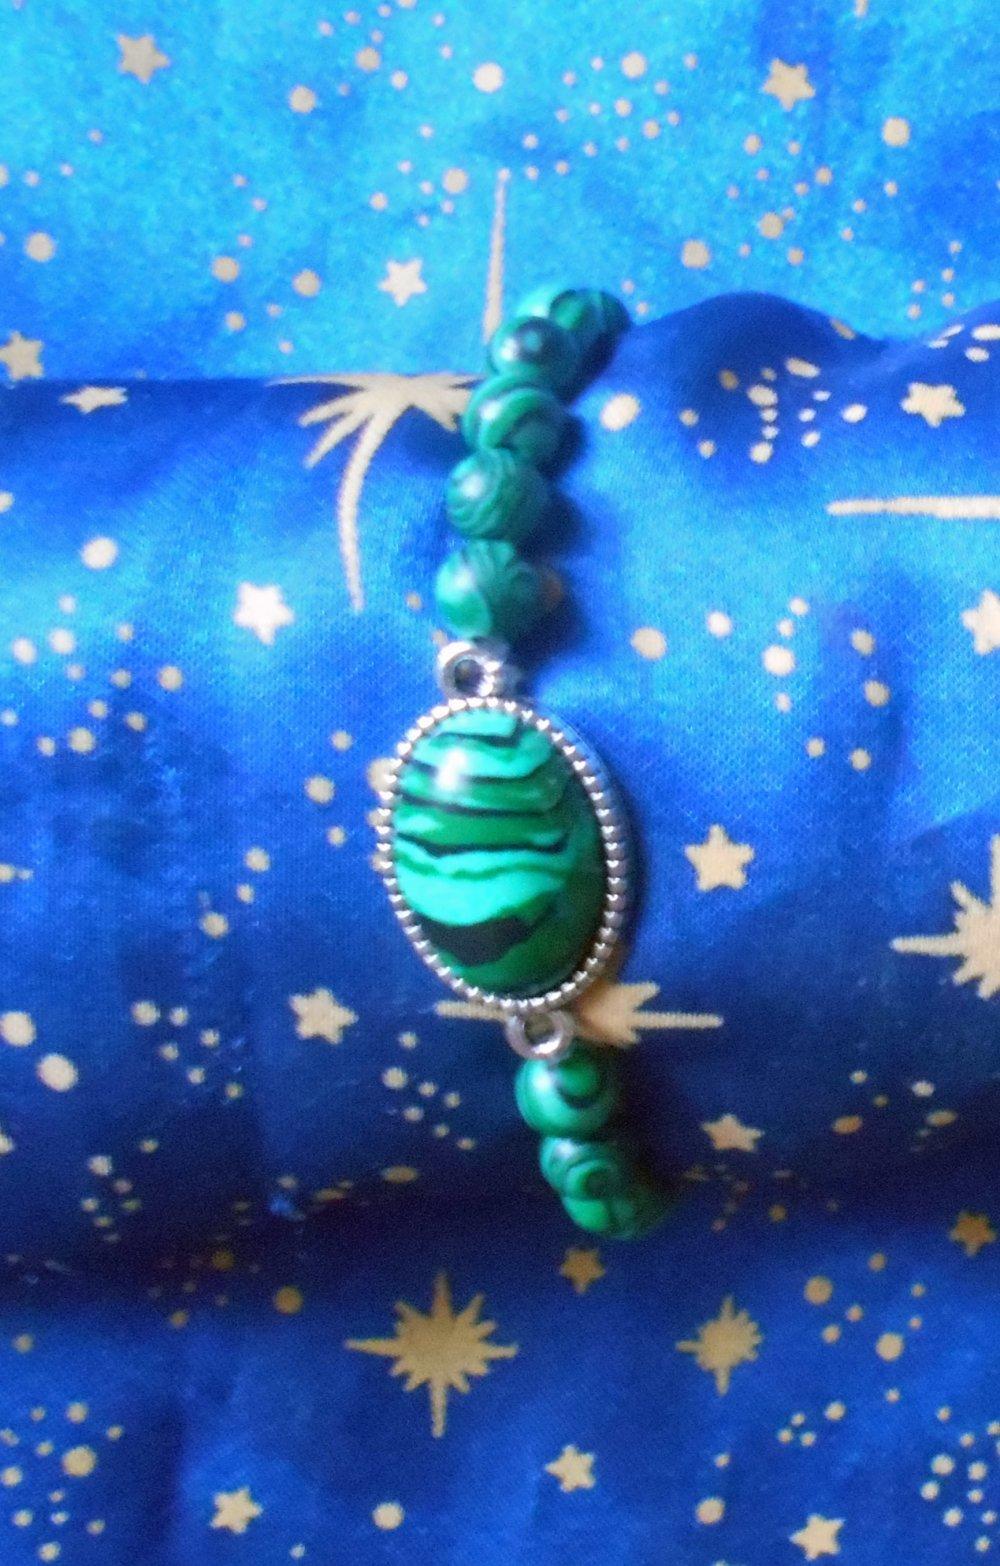 Bracelet en alliage argent/étain avec malachite de 13x18mm et perles en malachite véritables en provenance de Russie.